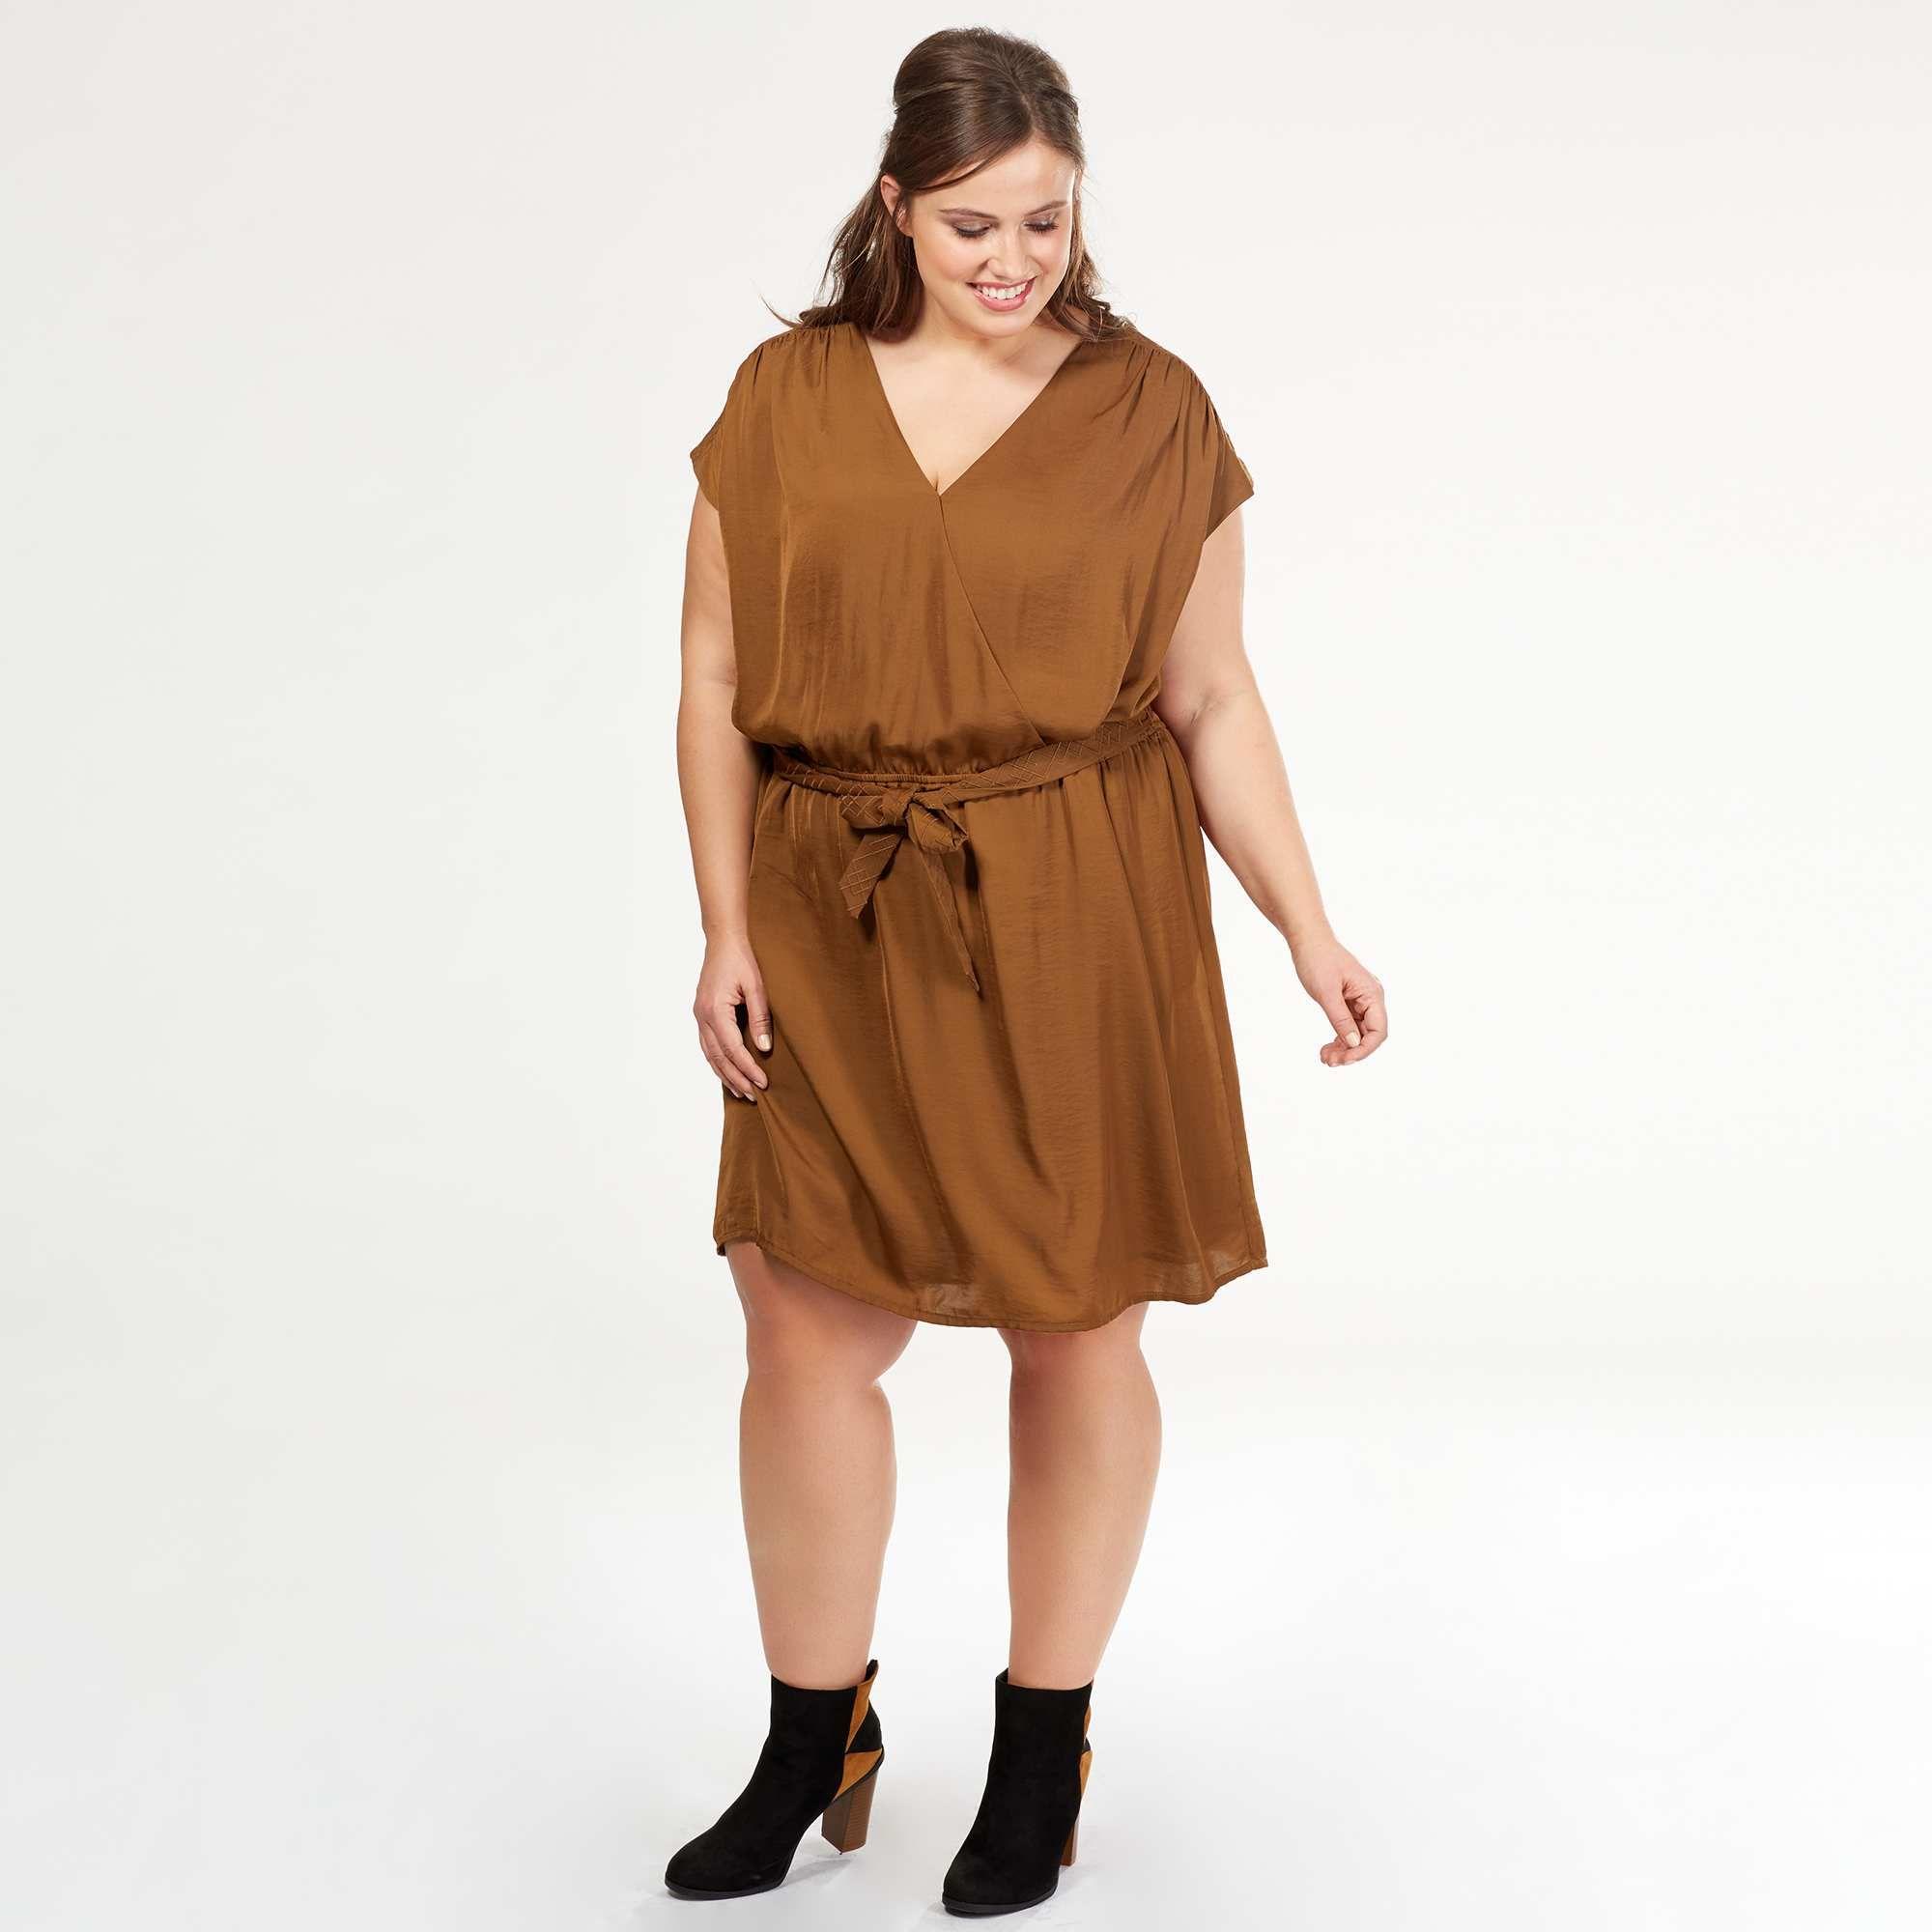 a5df53546cc Robe fluide drappée à ceinturer col cache-coeur Grande taille femme - Kiabi  - 25